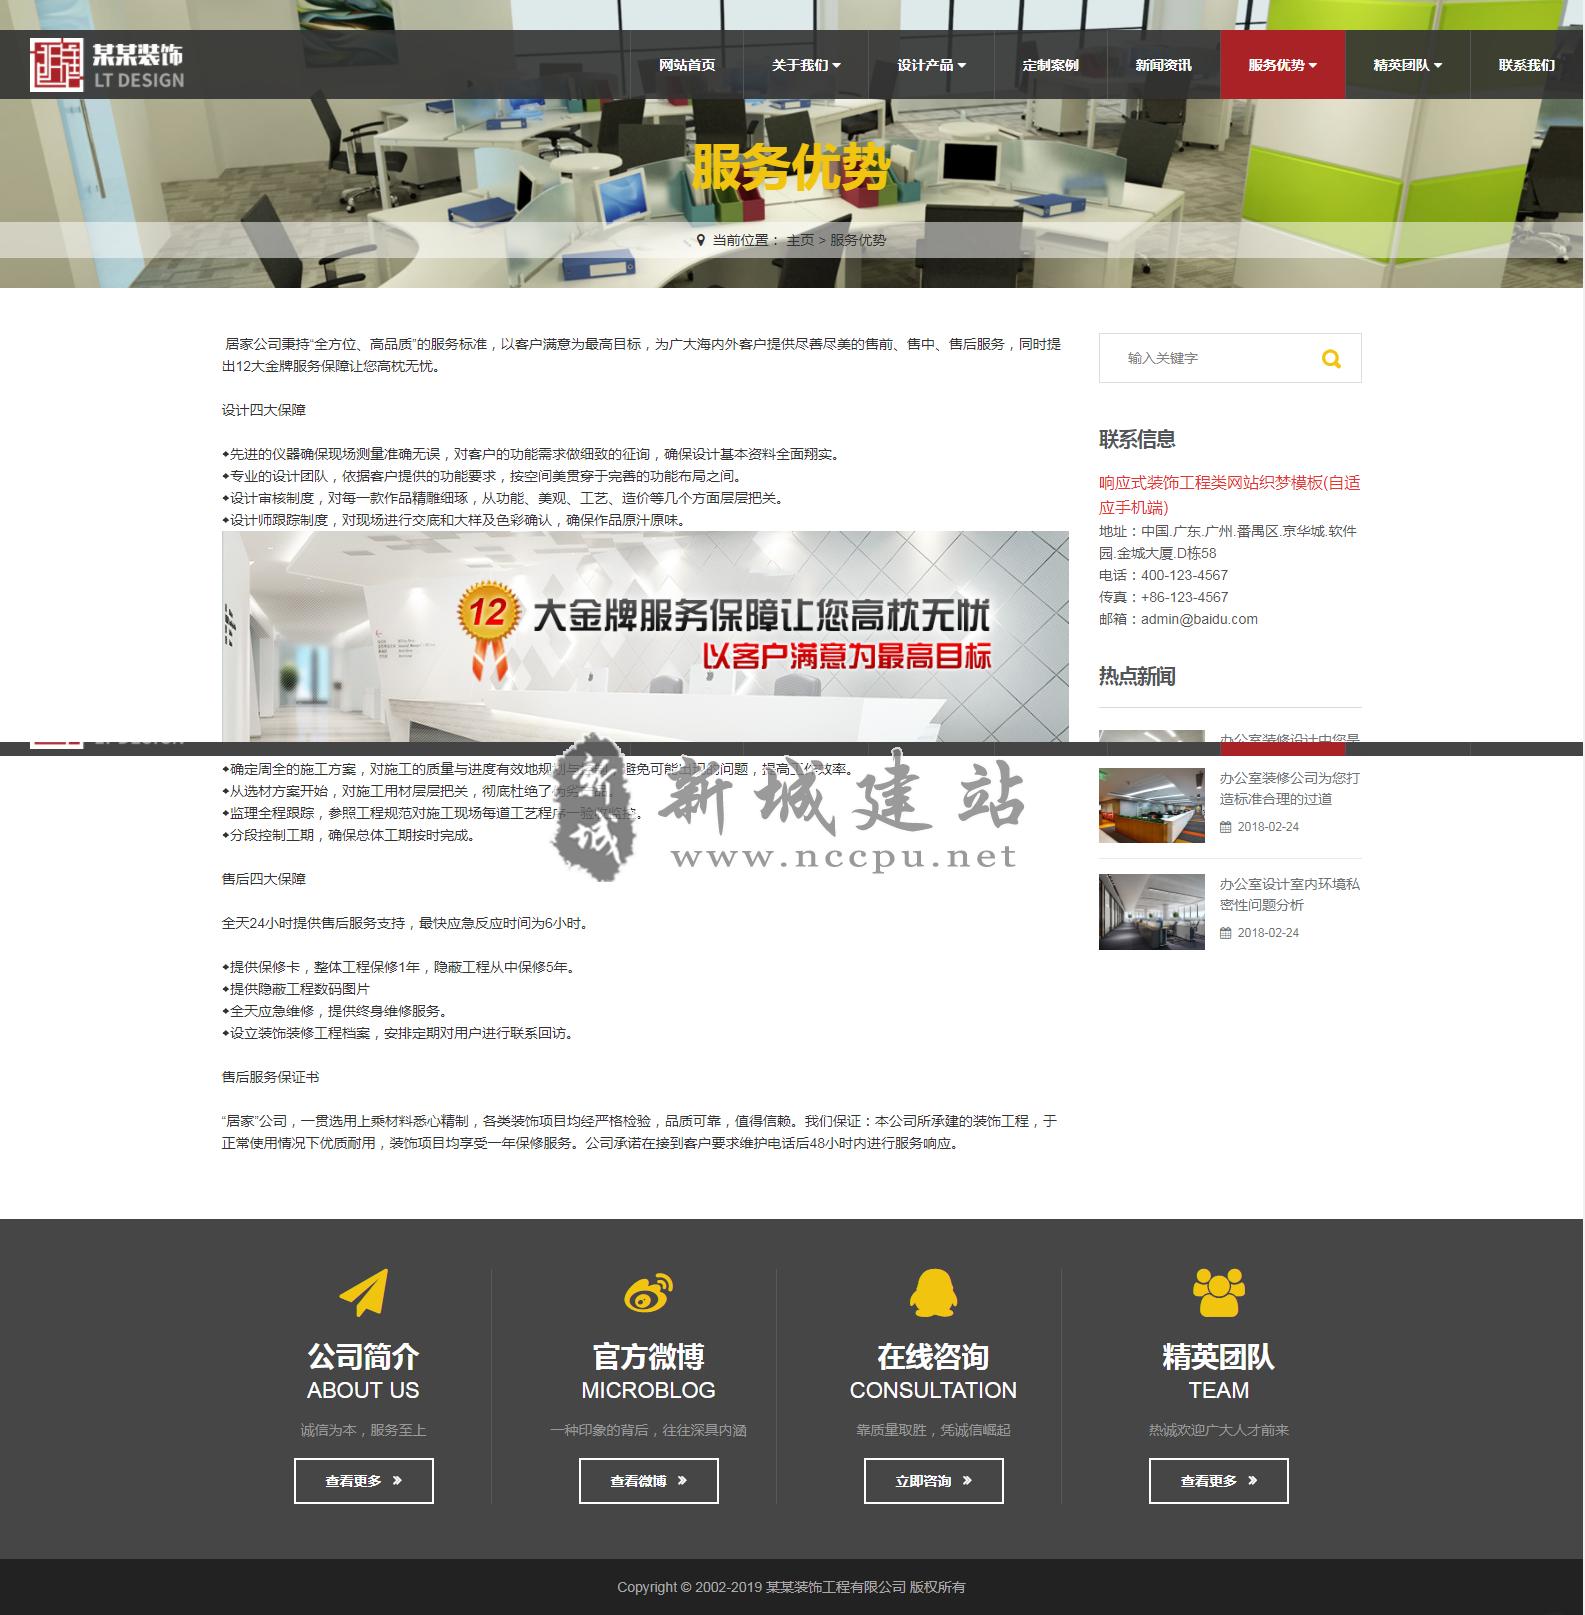 响应式企业装饰工程类公司网站服务